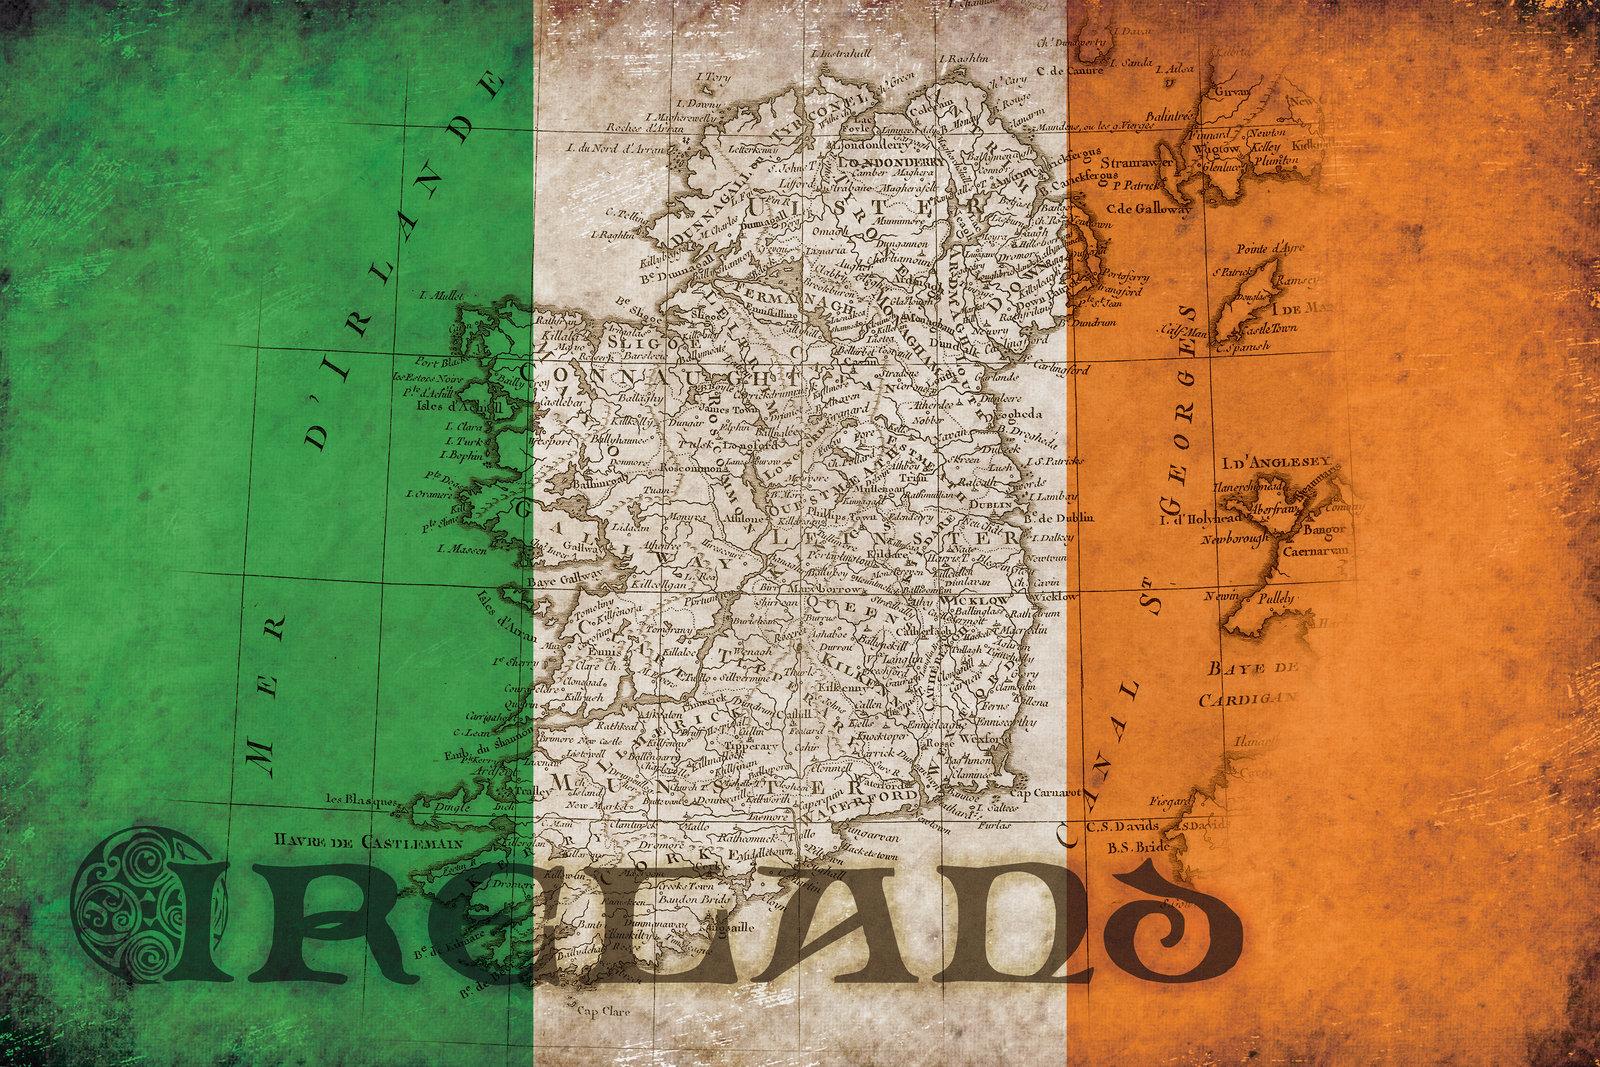 Ireland  2016 CMOD Symposium